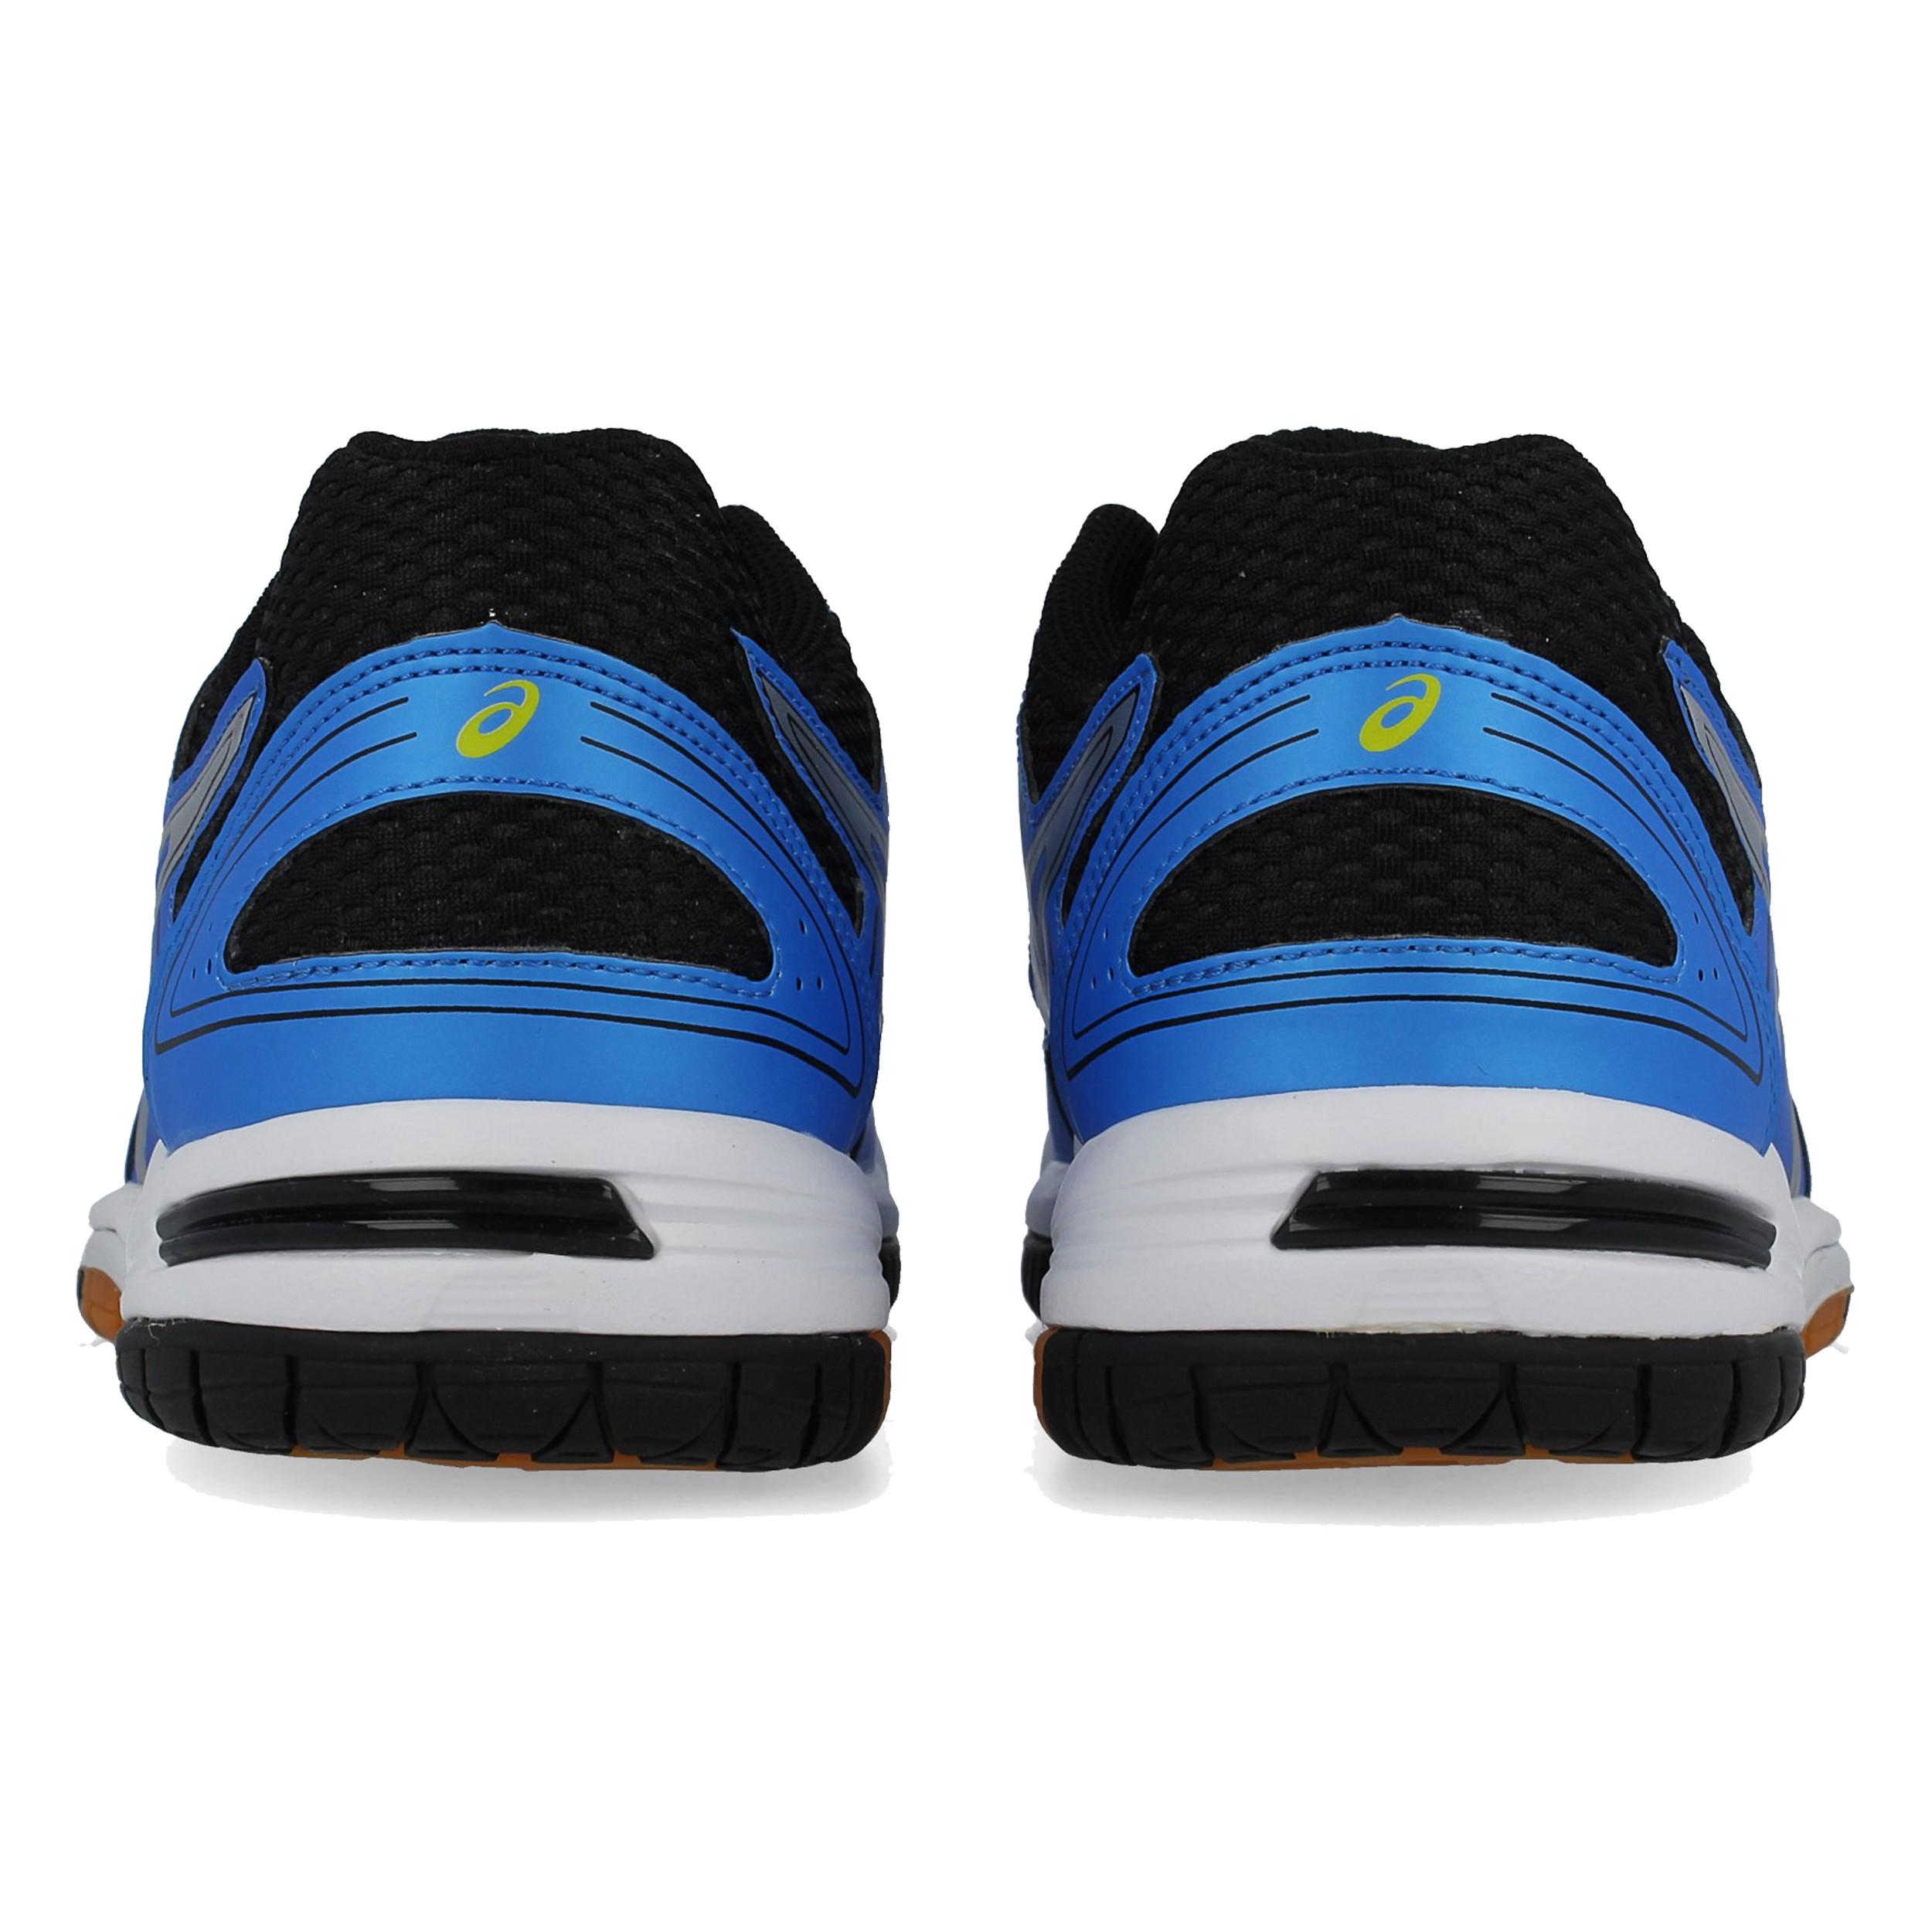 ASICS HOMMES GEL BLOCKER STR Indoor Court Chaussures Sport